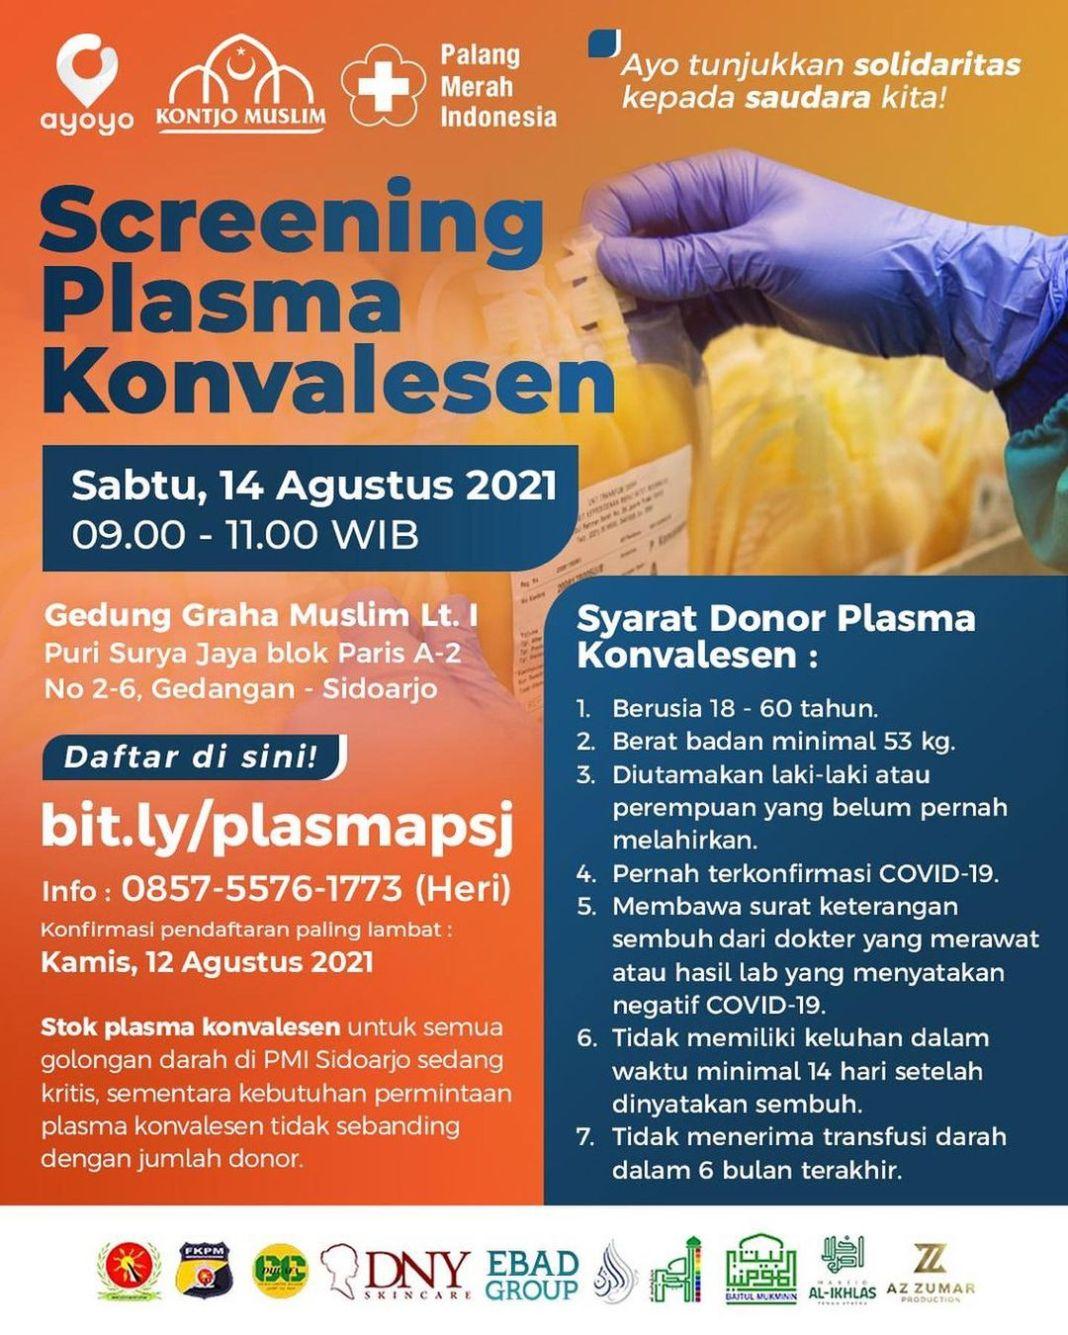 Kali ini Ayoyo Indonesia bekerjasama dengan PMI sidoarjo untuk donor plasma konvalesen.  Ayo Ga…